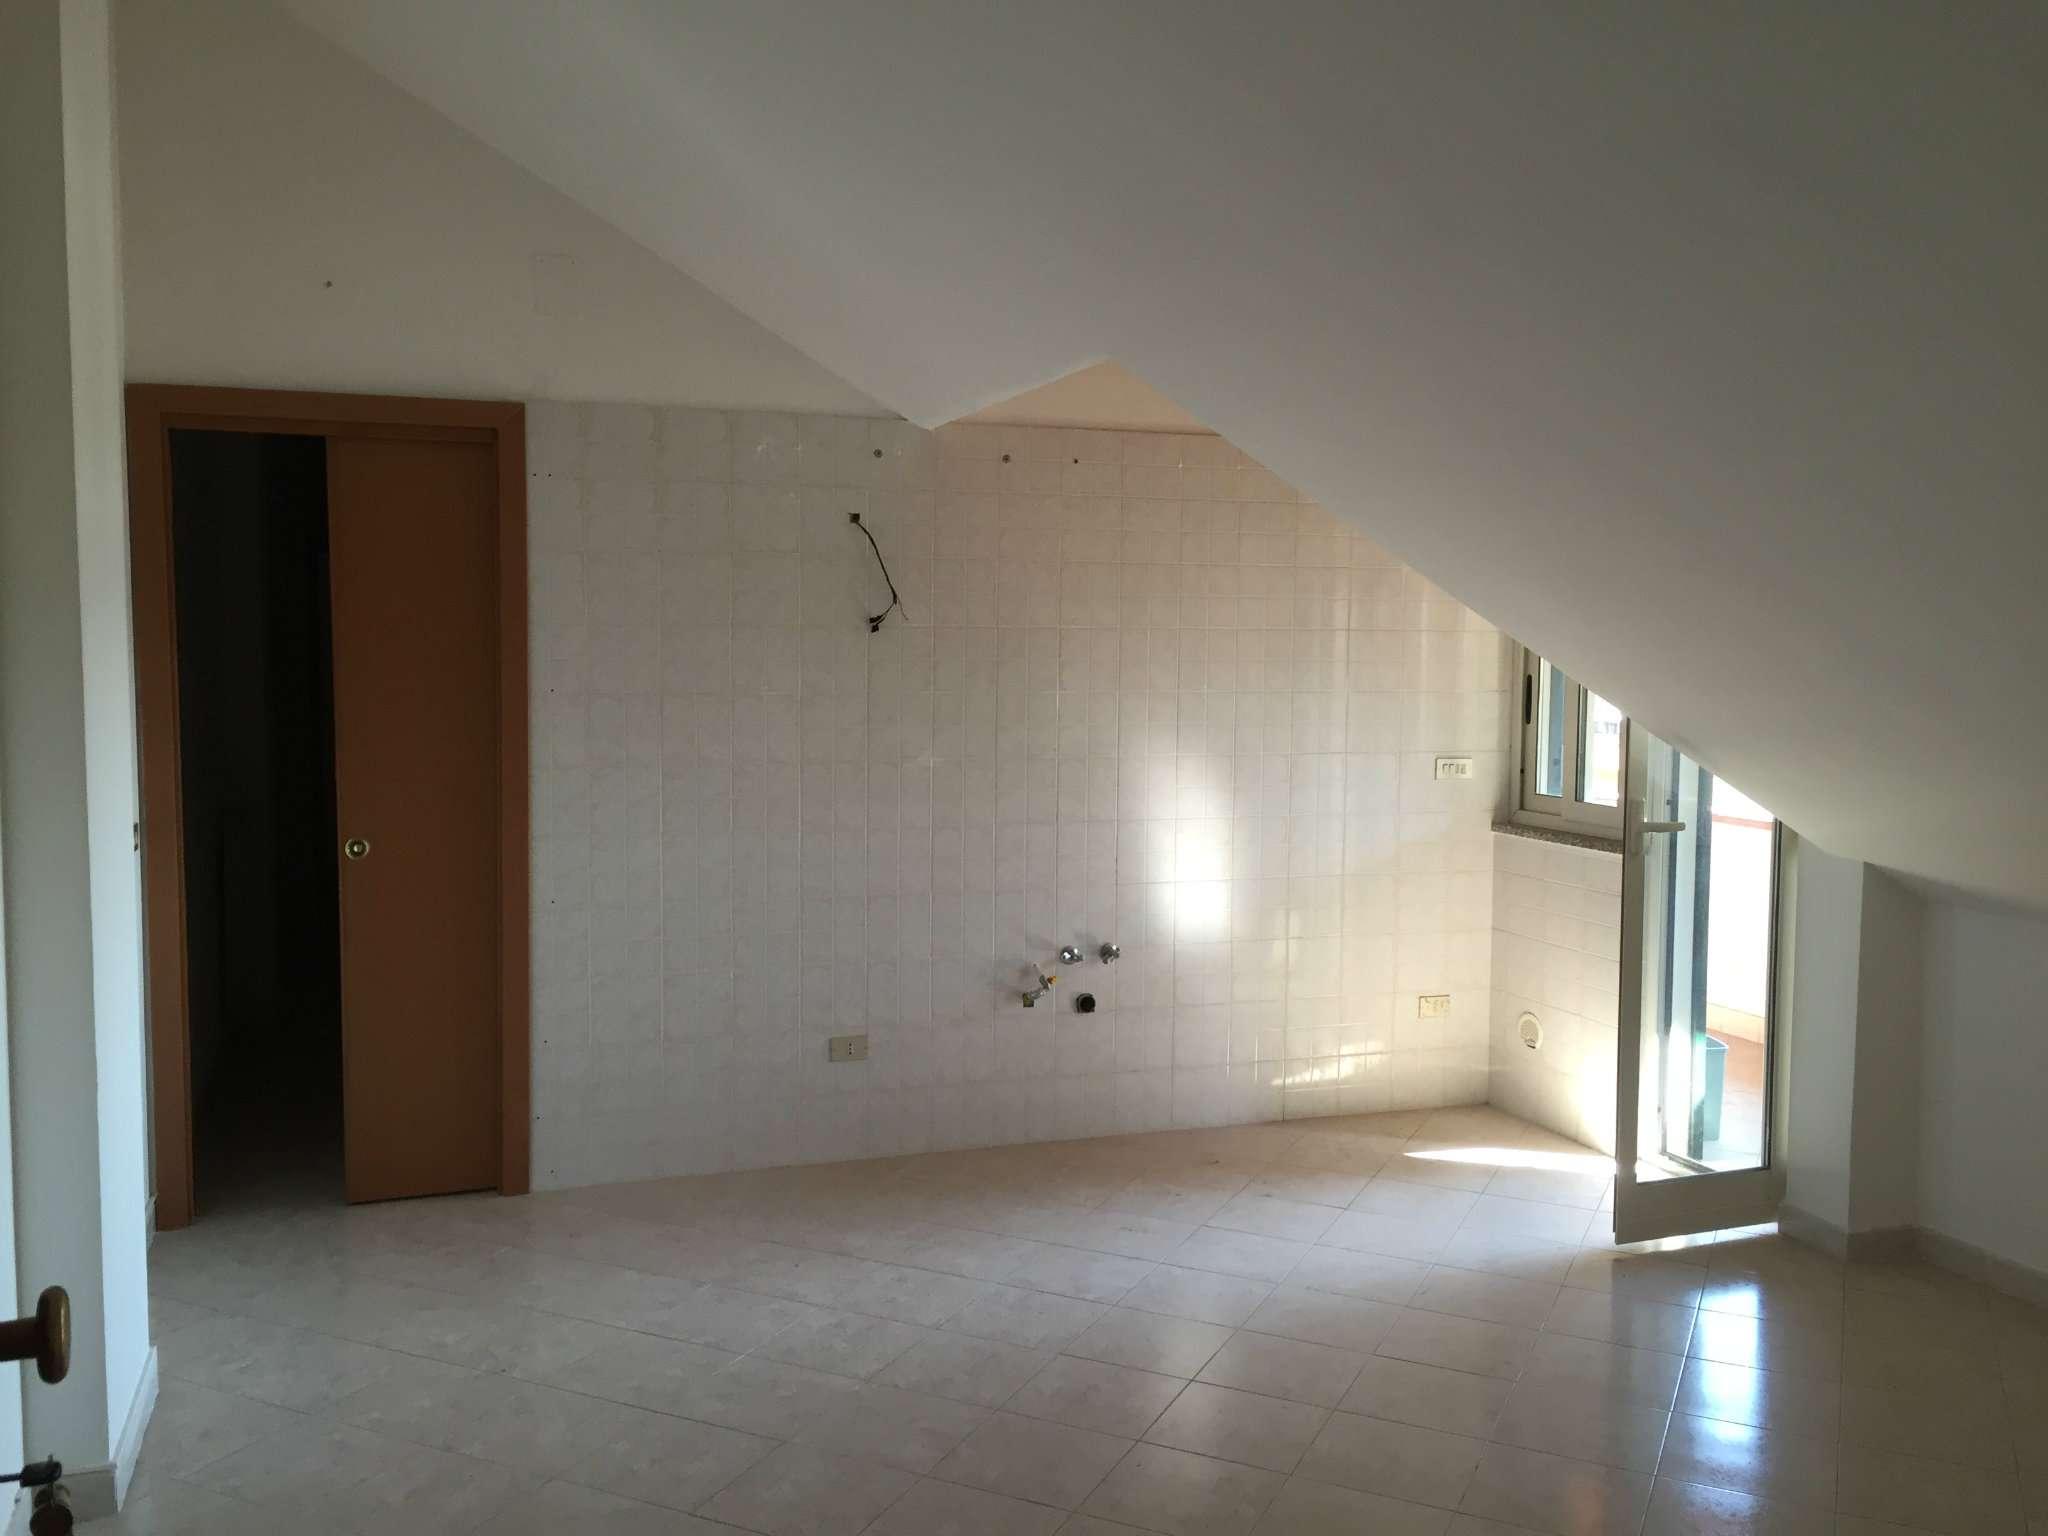 Attico / Mansarda in affitto a Giugliano in Campania, 3 locali, prezzo € 400   CambioCasa.it